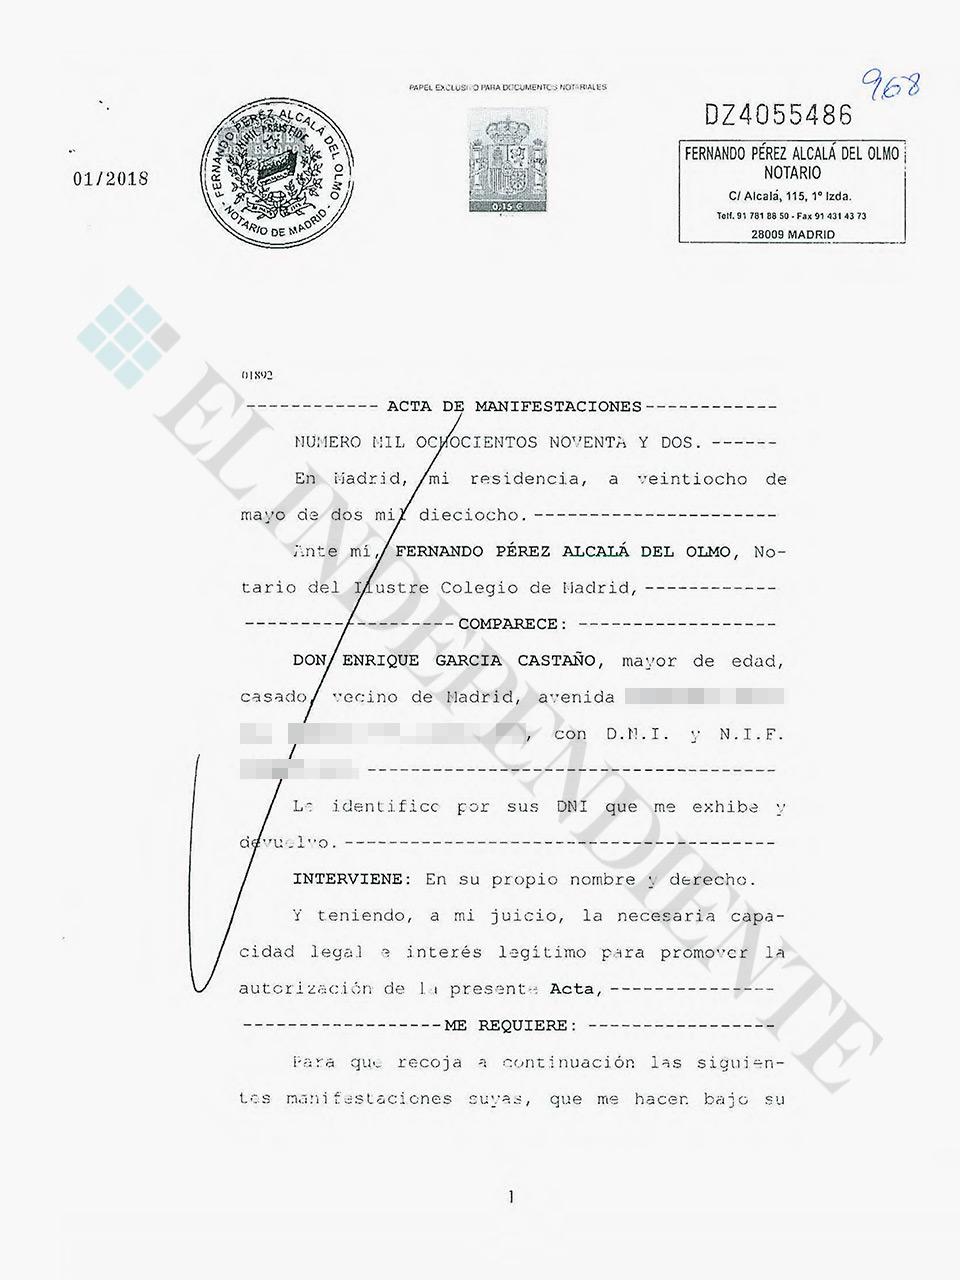 Acta notarial García Castaño